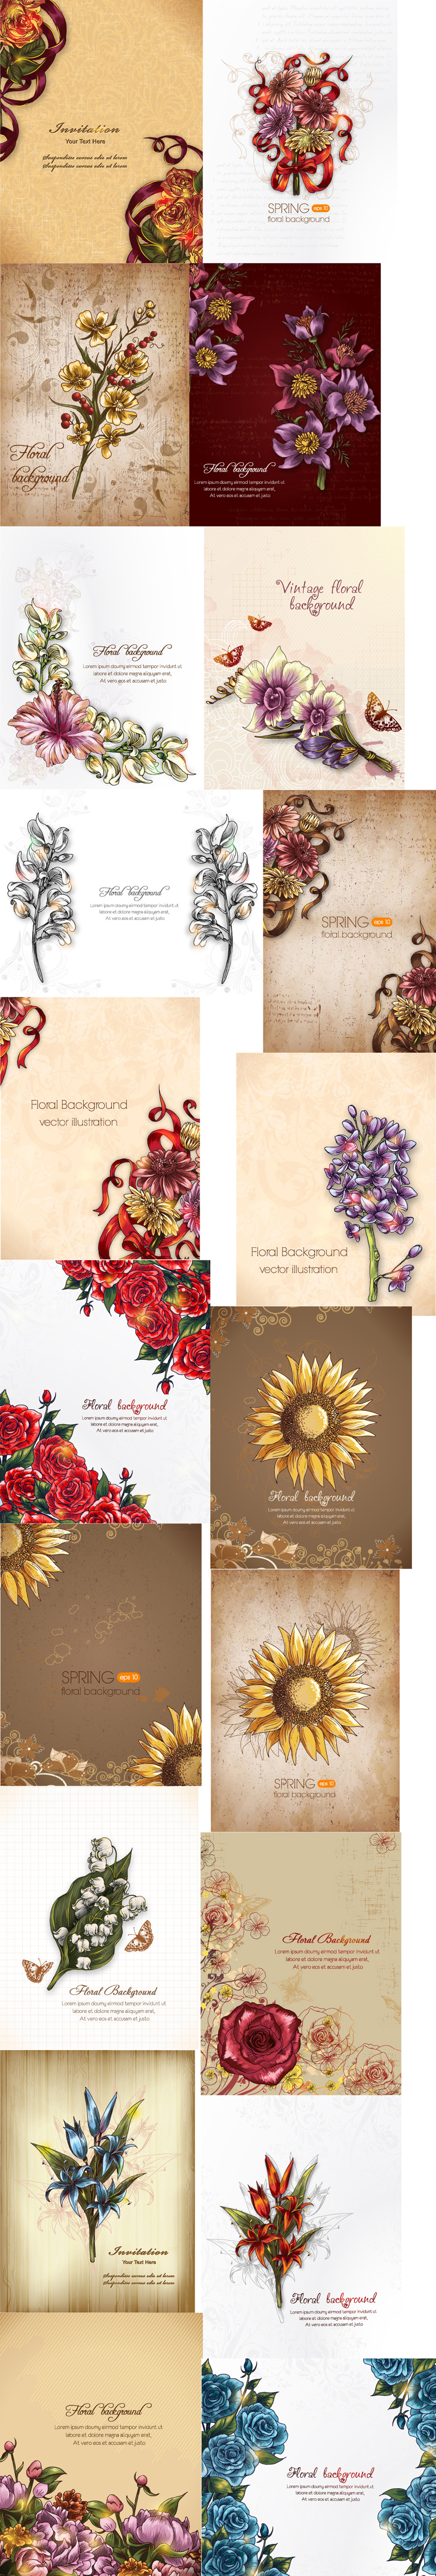 欧式创意手绘七彩彩色绚丽花纹eps矢量图